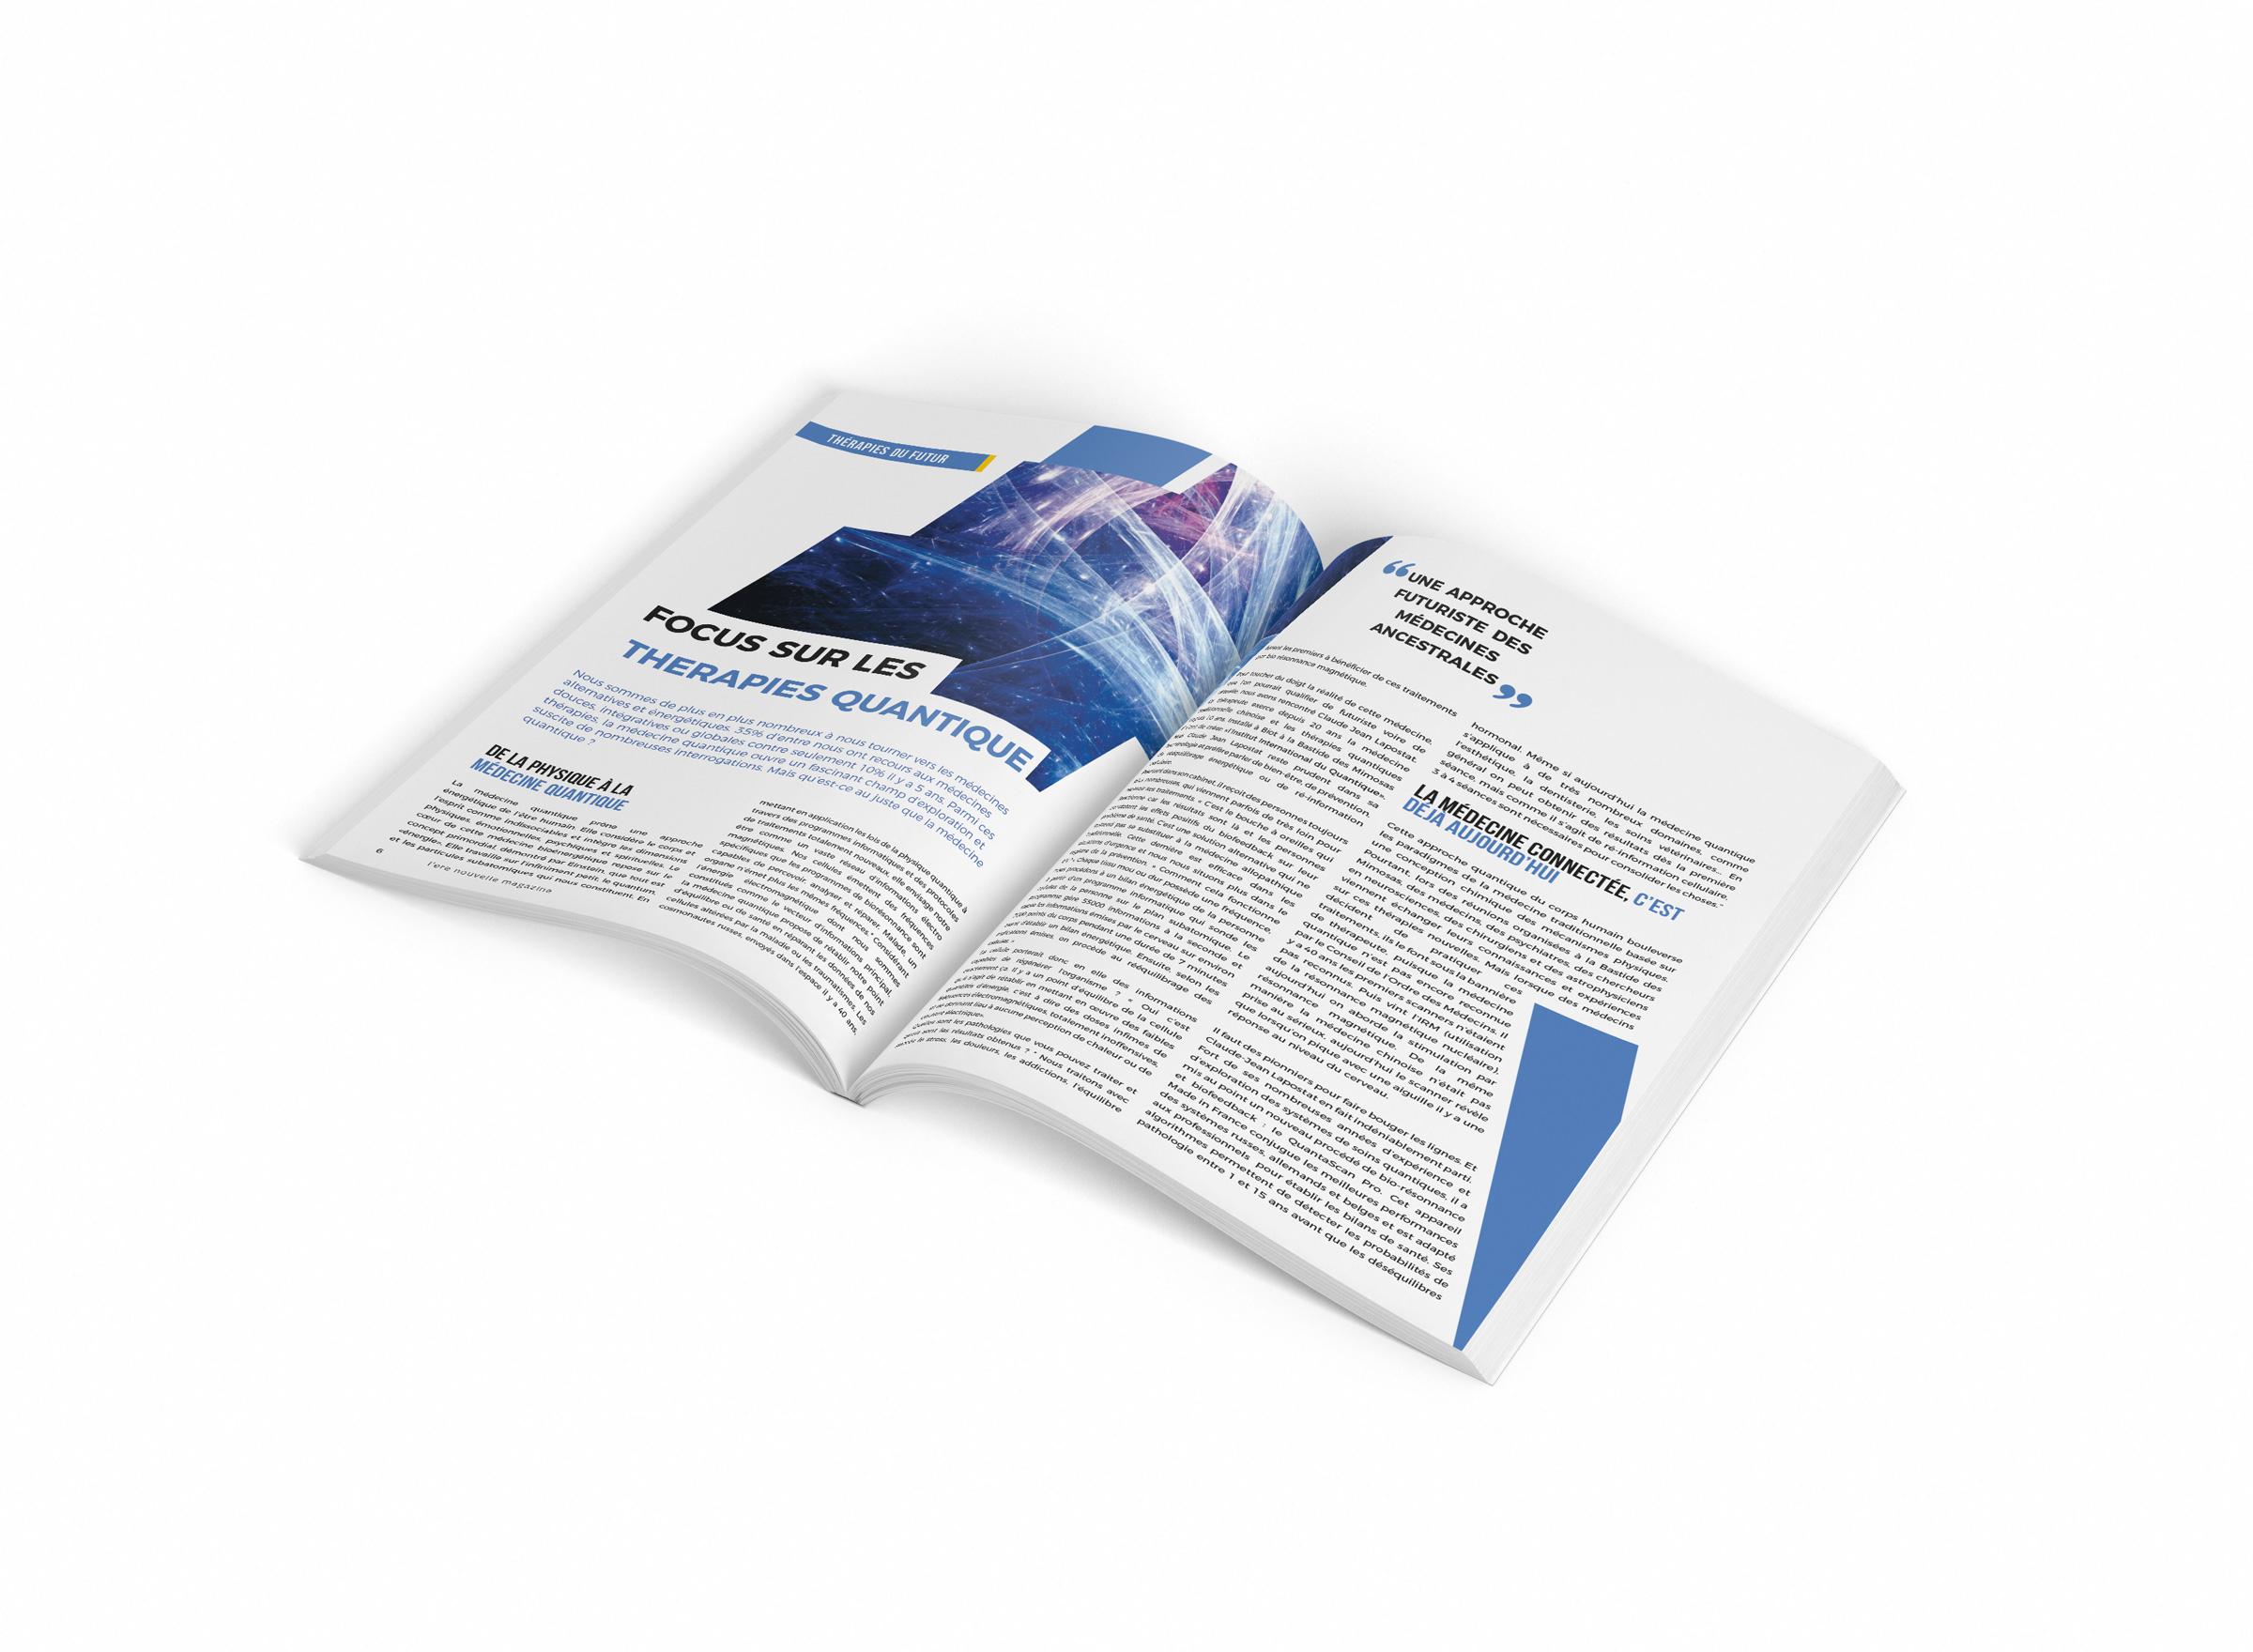 ekg-design, Quantaform Ere Nouvelle Mag #1 Article 1